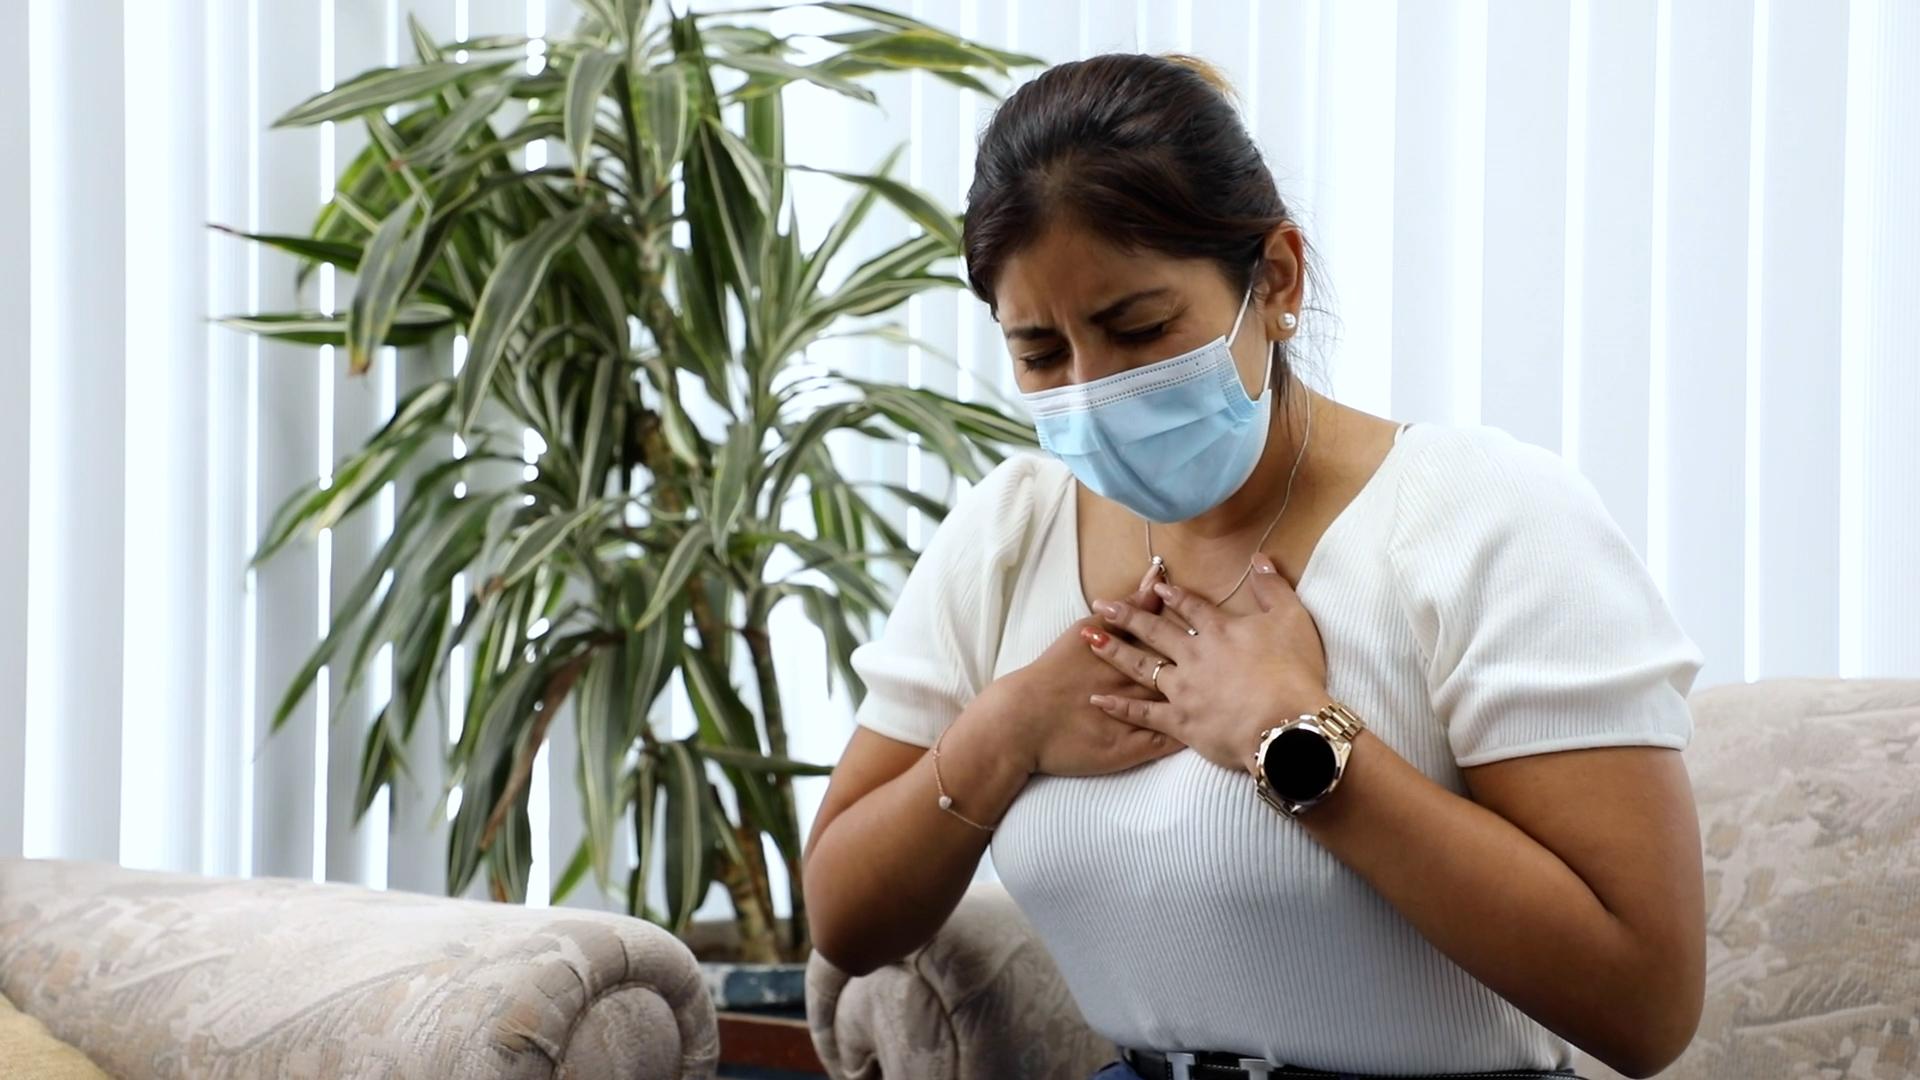 ESSALUD  BRINDA RECOMENDACIONES PARA CONTROLAR EL ASMA Y EVITAR COMPLICACIONES ANTE EL RIESGO DE INFECCION POR COVID 19